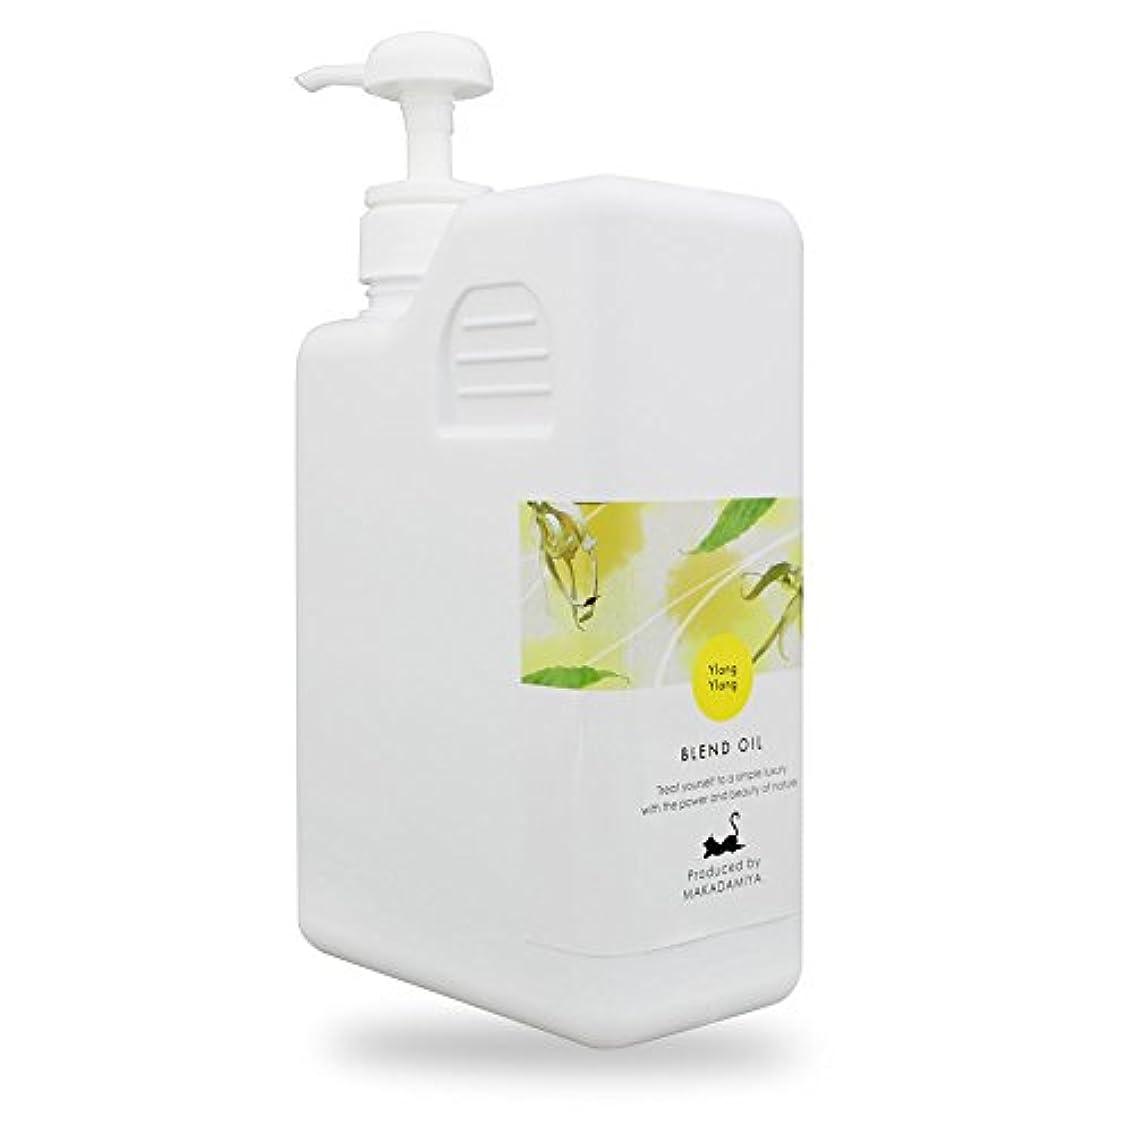 補償エクステント乳白イランイランブレンド1000ml (ベース:ライスオイル/ポンプ付)高級サロン仕様 マッサージオイル 業務用 大容量